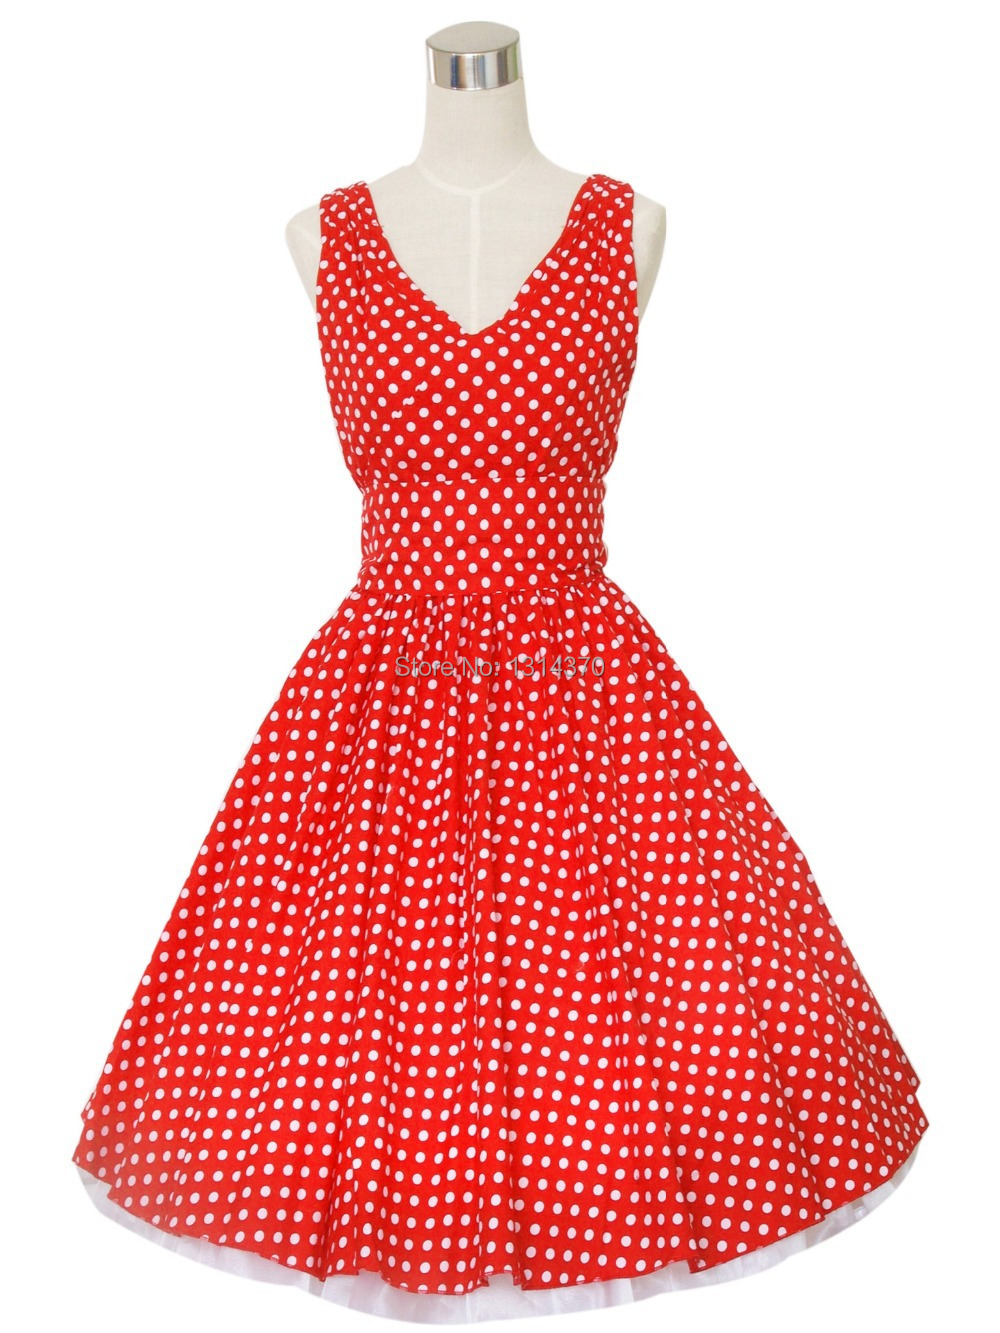 Ženy letní Retro 50s 60s Vintage šaty ležérní Pinup Robe Polka Dot Party Rockabilly Šaty Sexy V-Neck Vestidos Femininos  t